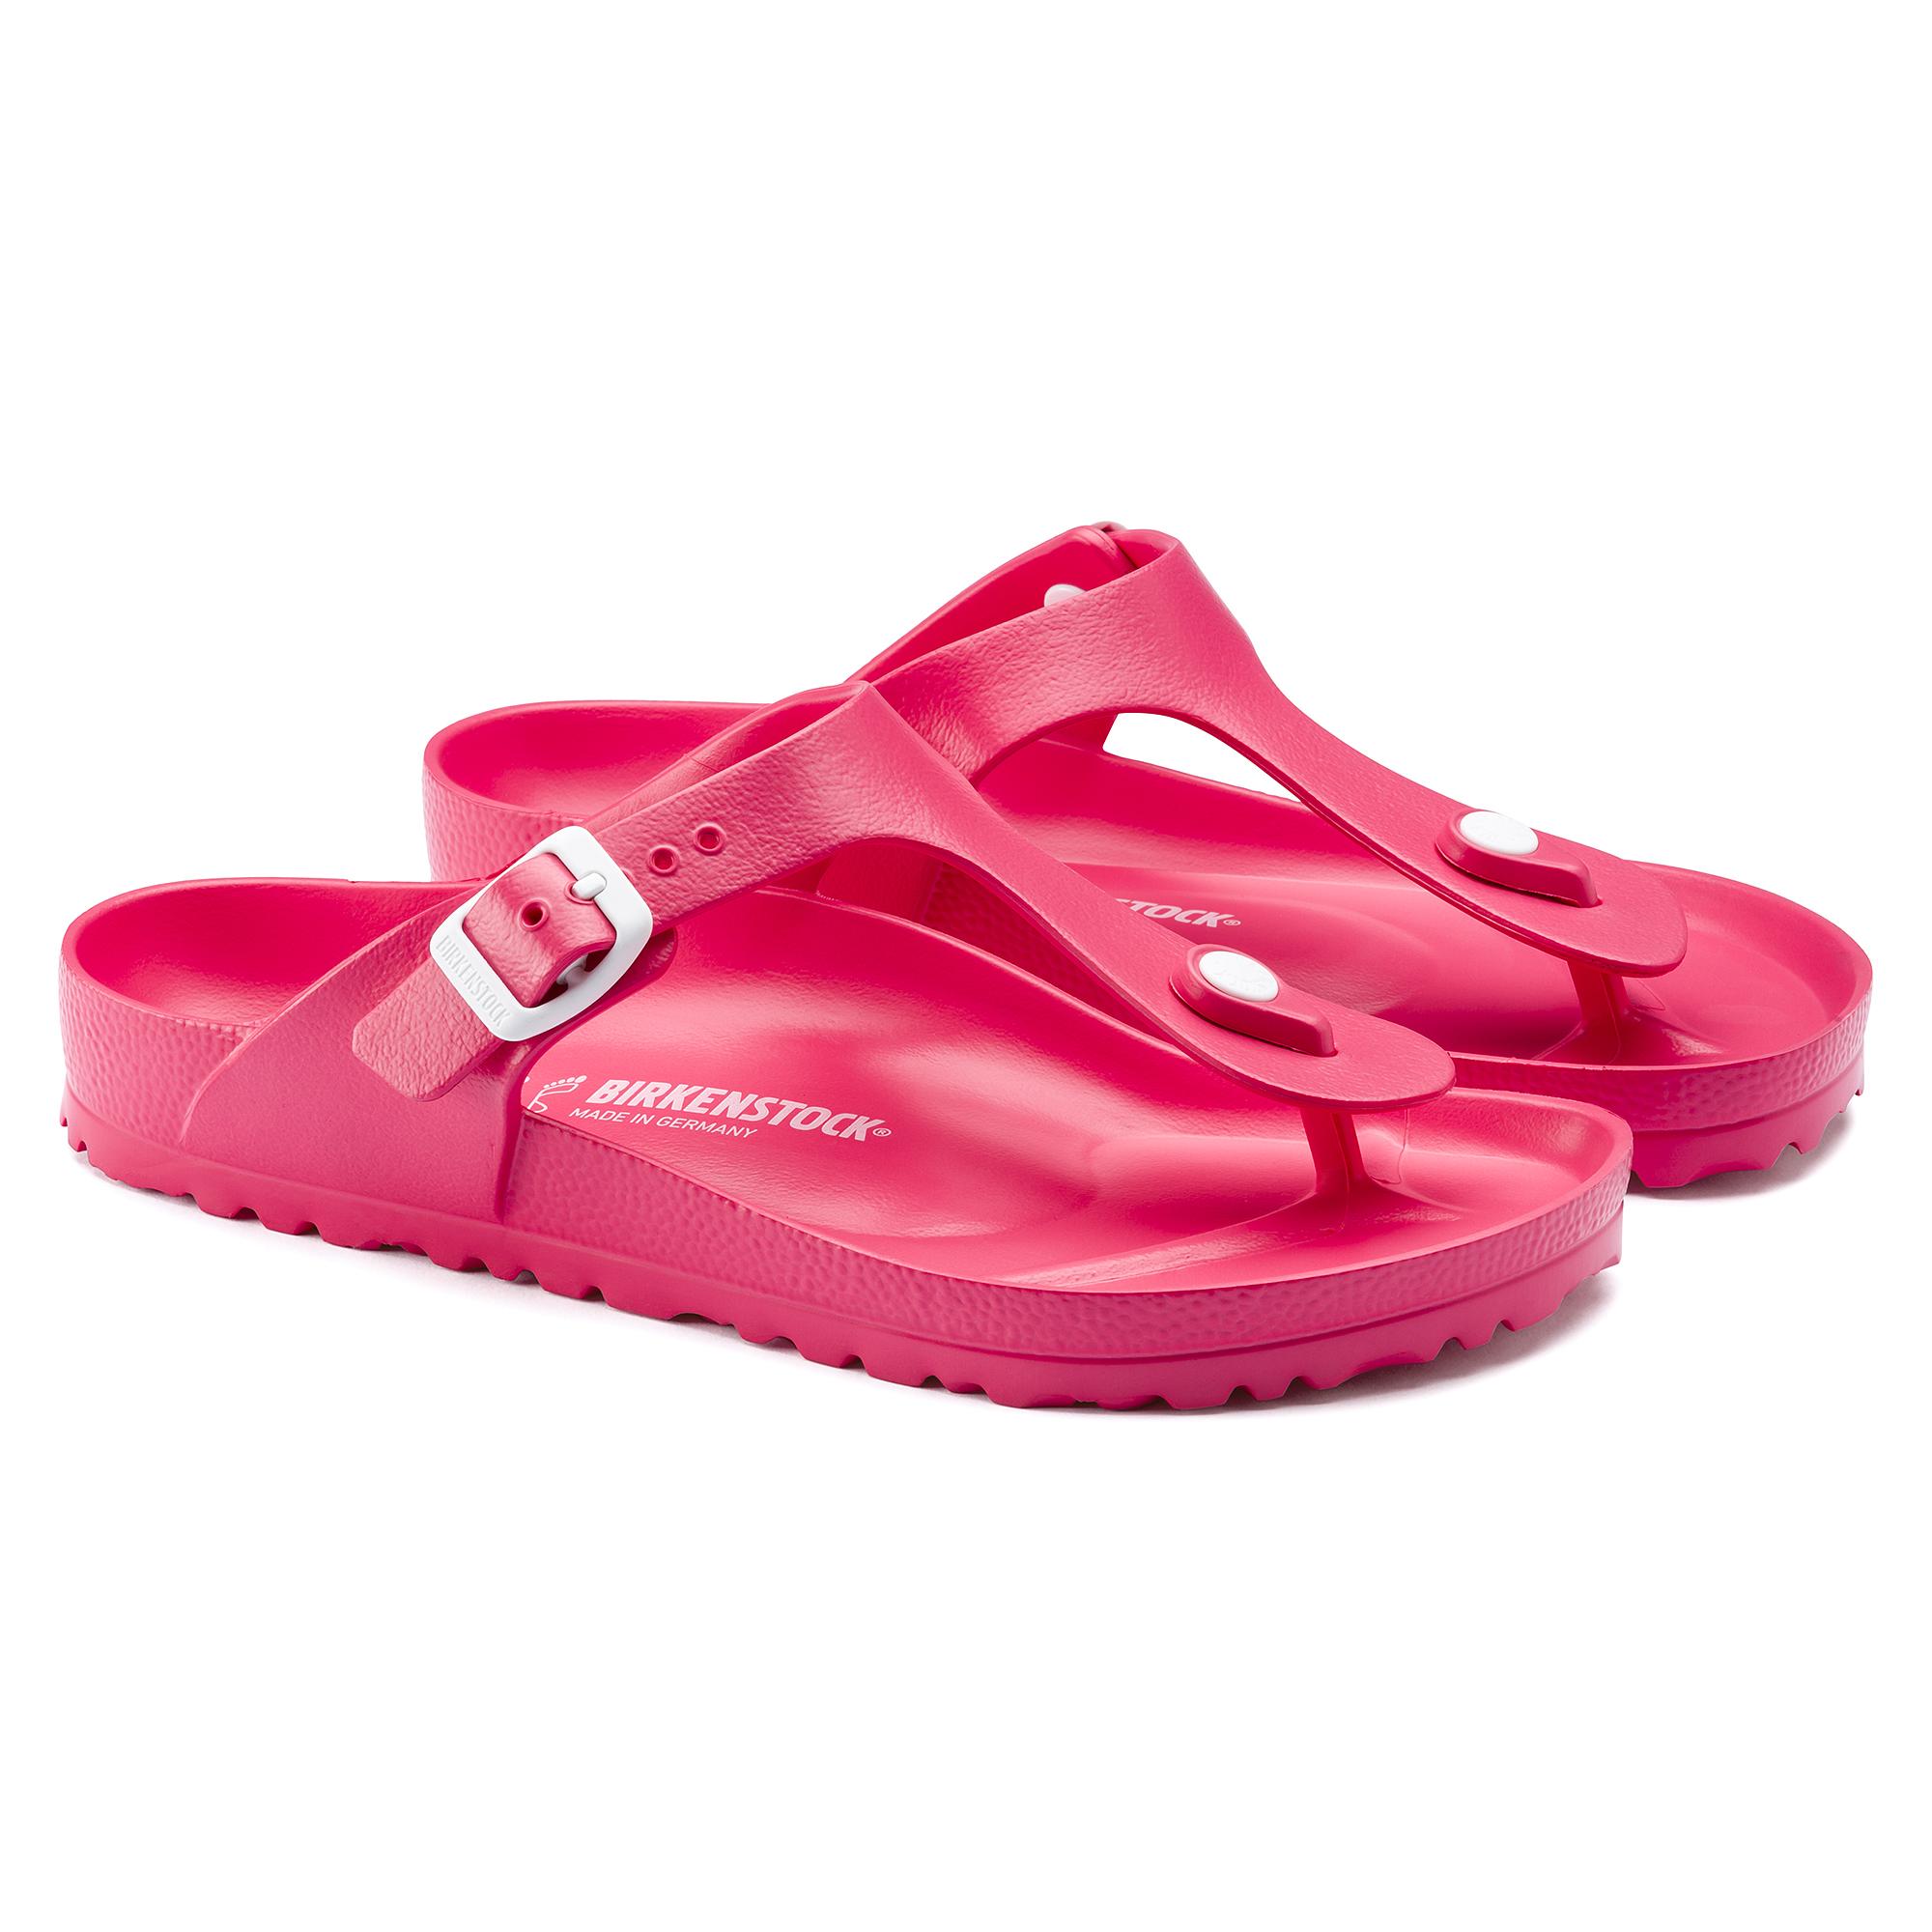 Birkenstock Gizeh Eva Kids Sandals Neon Pink Unisex